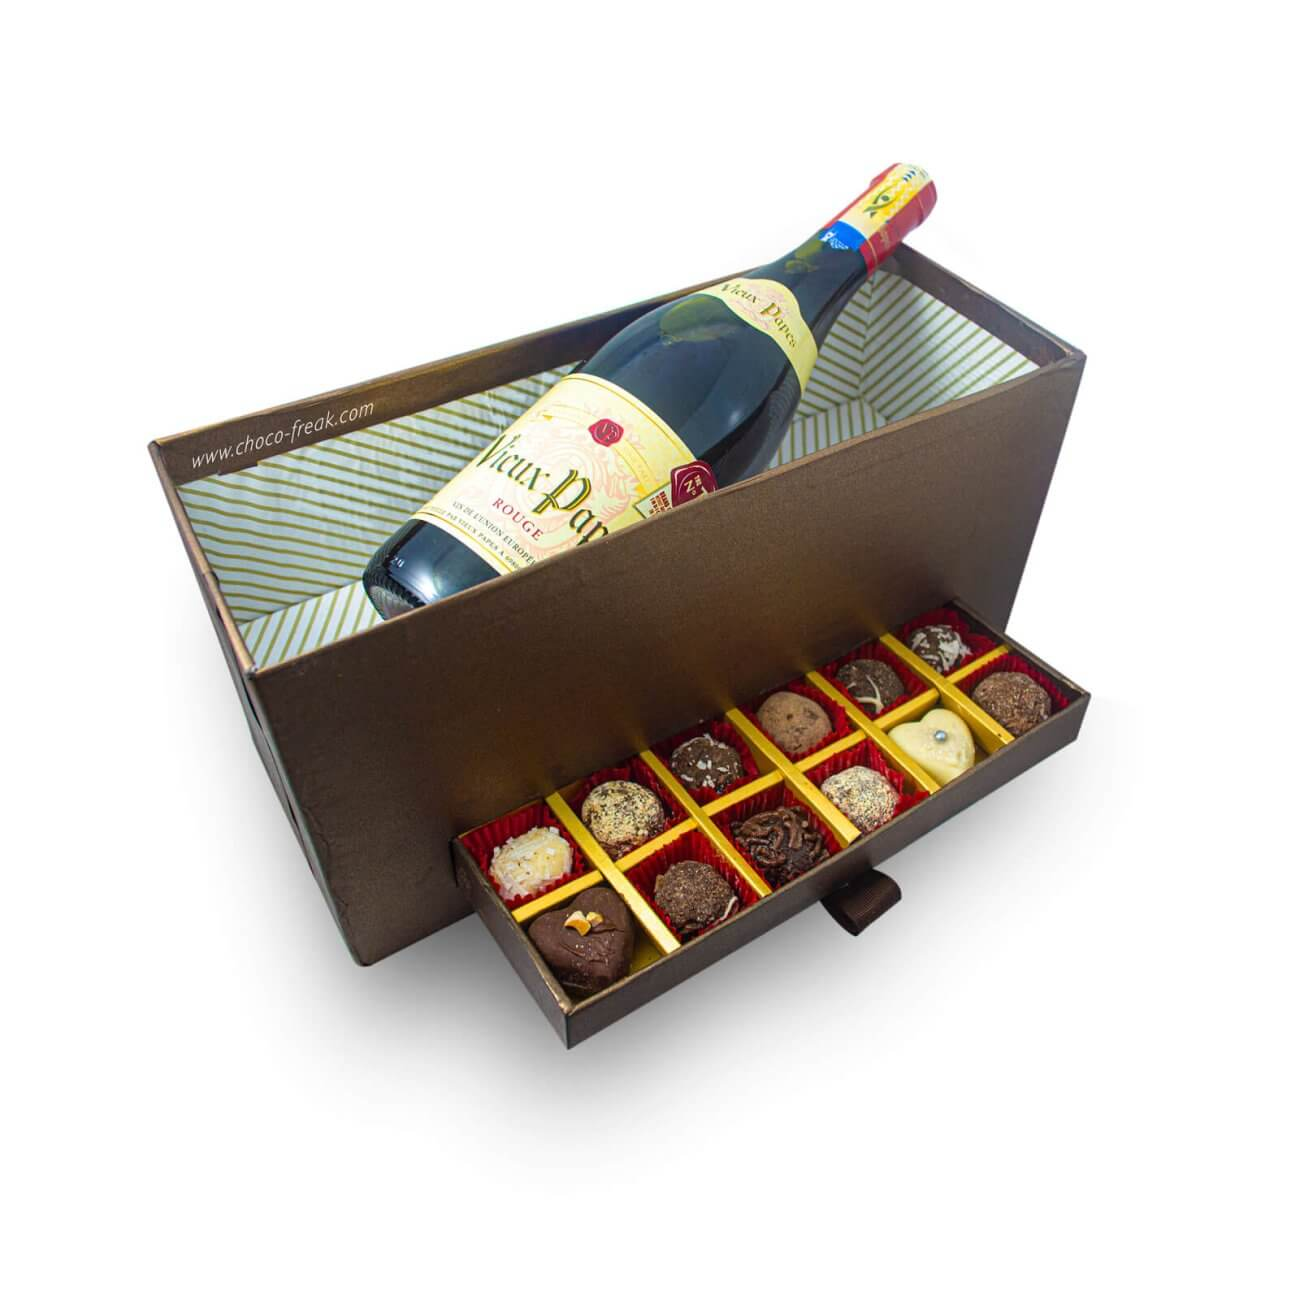 Regalos a domicilio en Quito Guayaquil Ecuador. Mix de trufas de chocolate gourmet y botella de vino. En cajita de carton duro reutilizable.